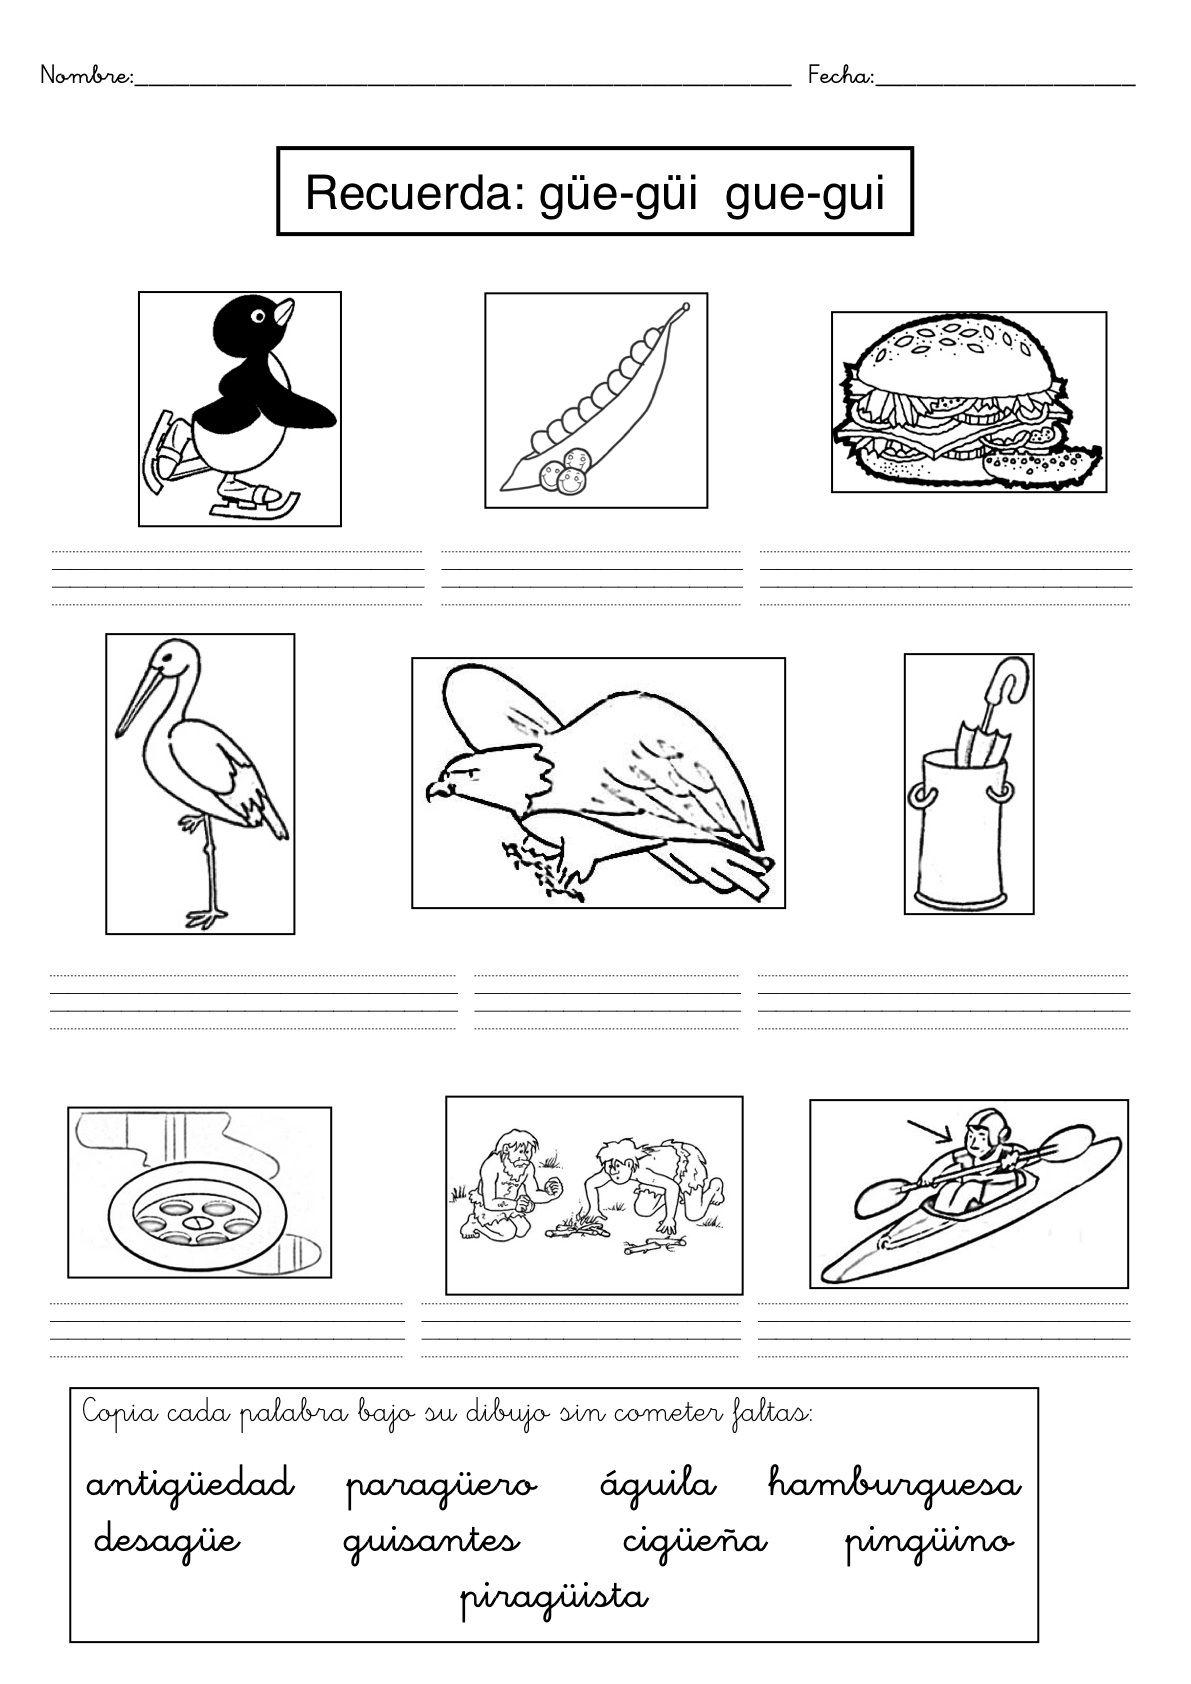 Recursos Para El Aula Fichas De Dificultades Ortográficas Fichas Para Trabajar Palabras Con Palabras Con Gue Gui Enseñanza De Las Letras Actividades De Letras